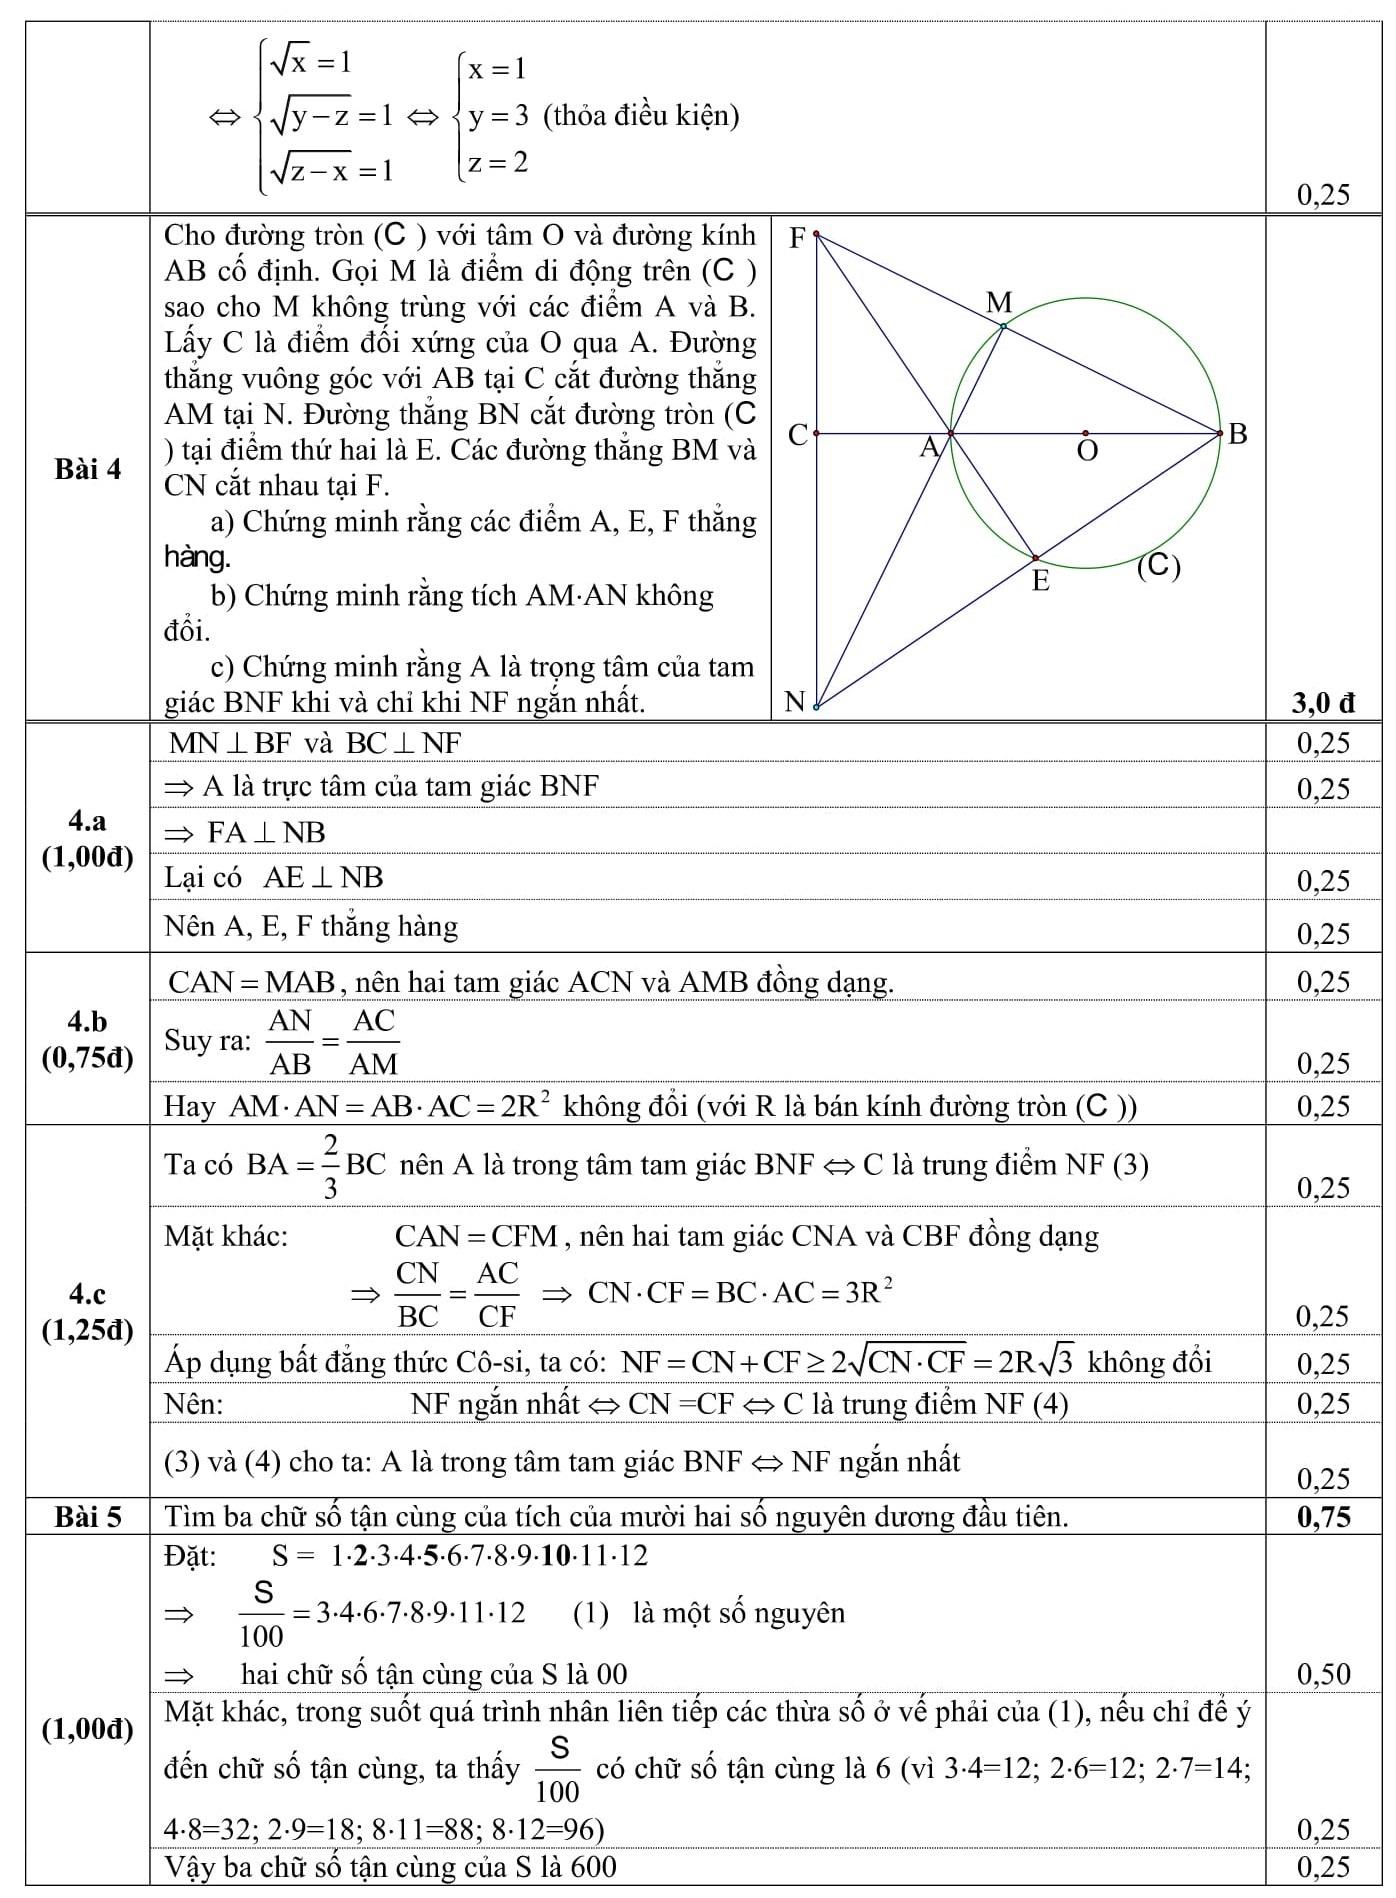 Đáp án và đề thi HSG toán 9 phòng GD&ĐT Đà Nẵng 2010-2011